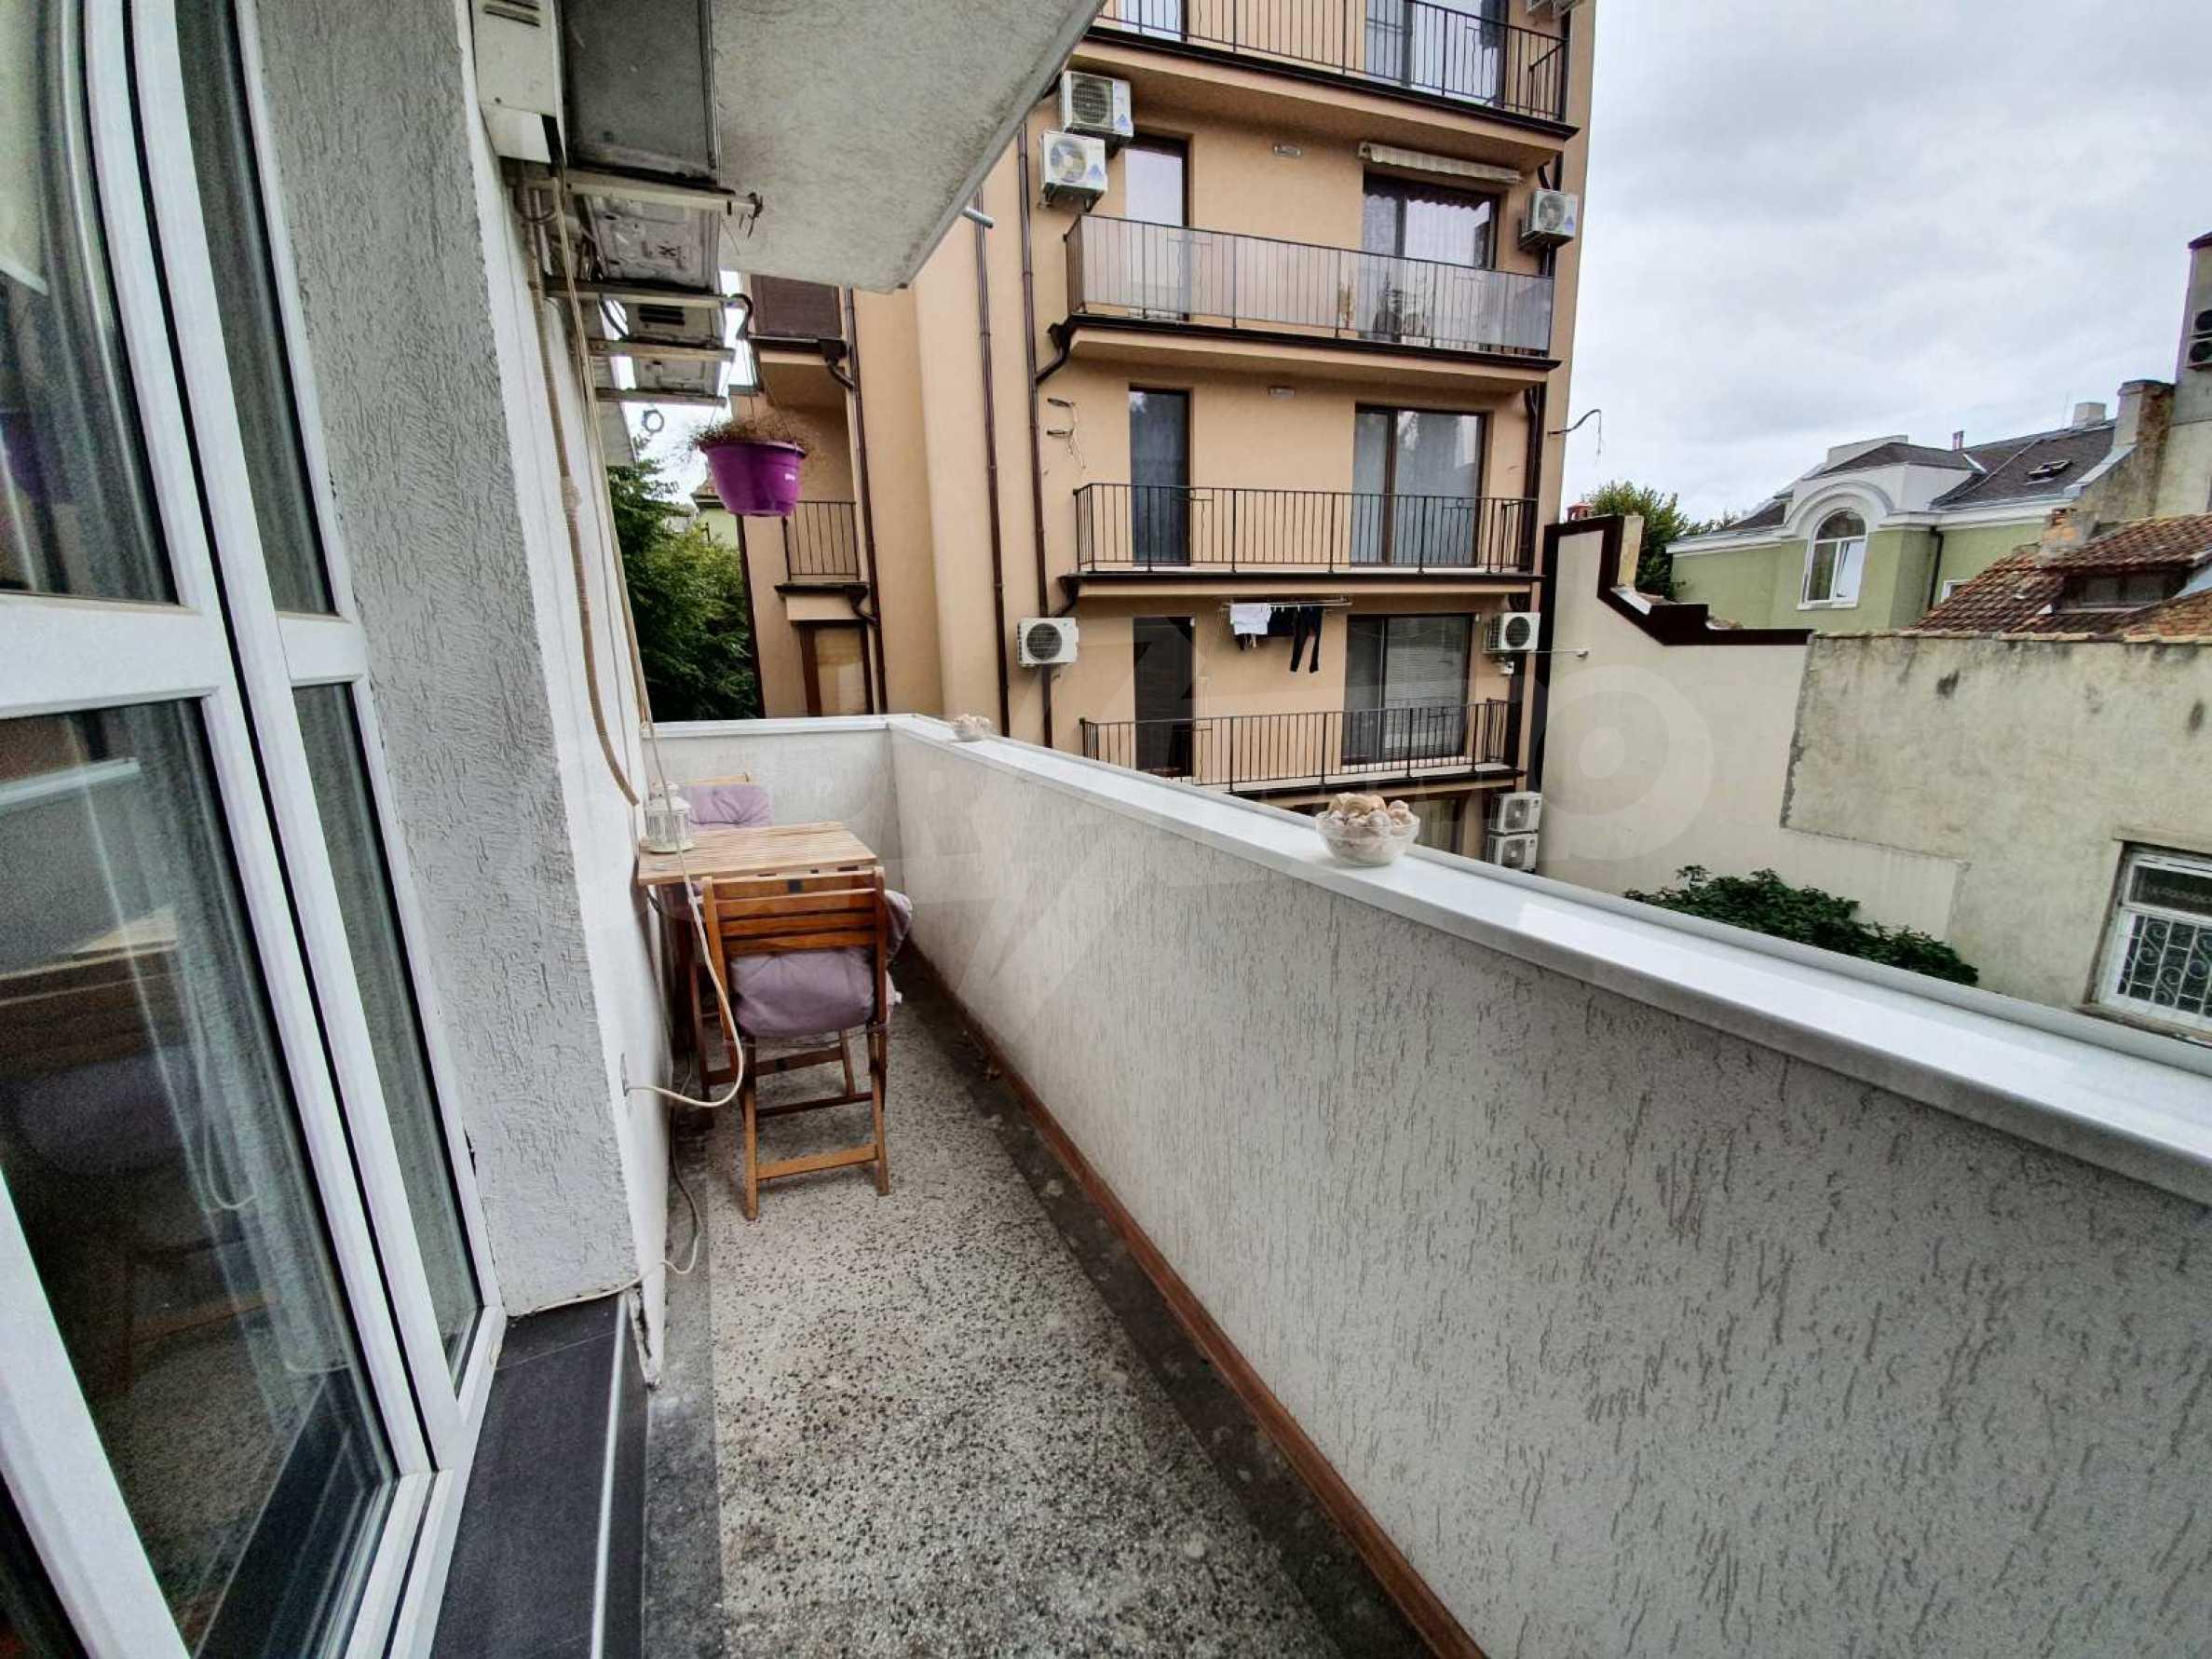 Тристаен апартамент Капитан - под наем в центъра на Варна 20